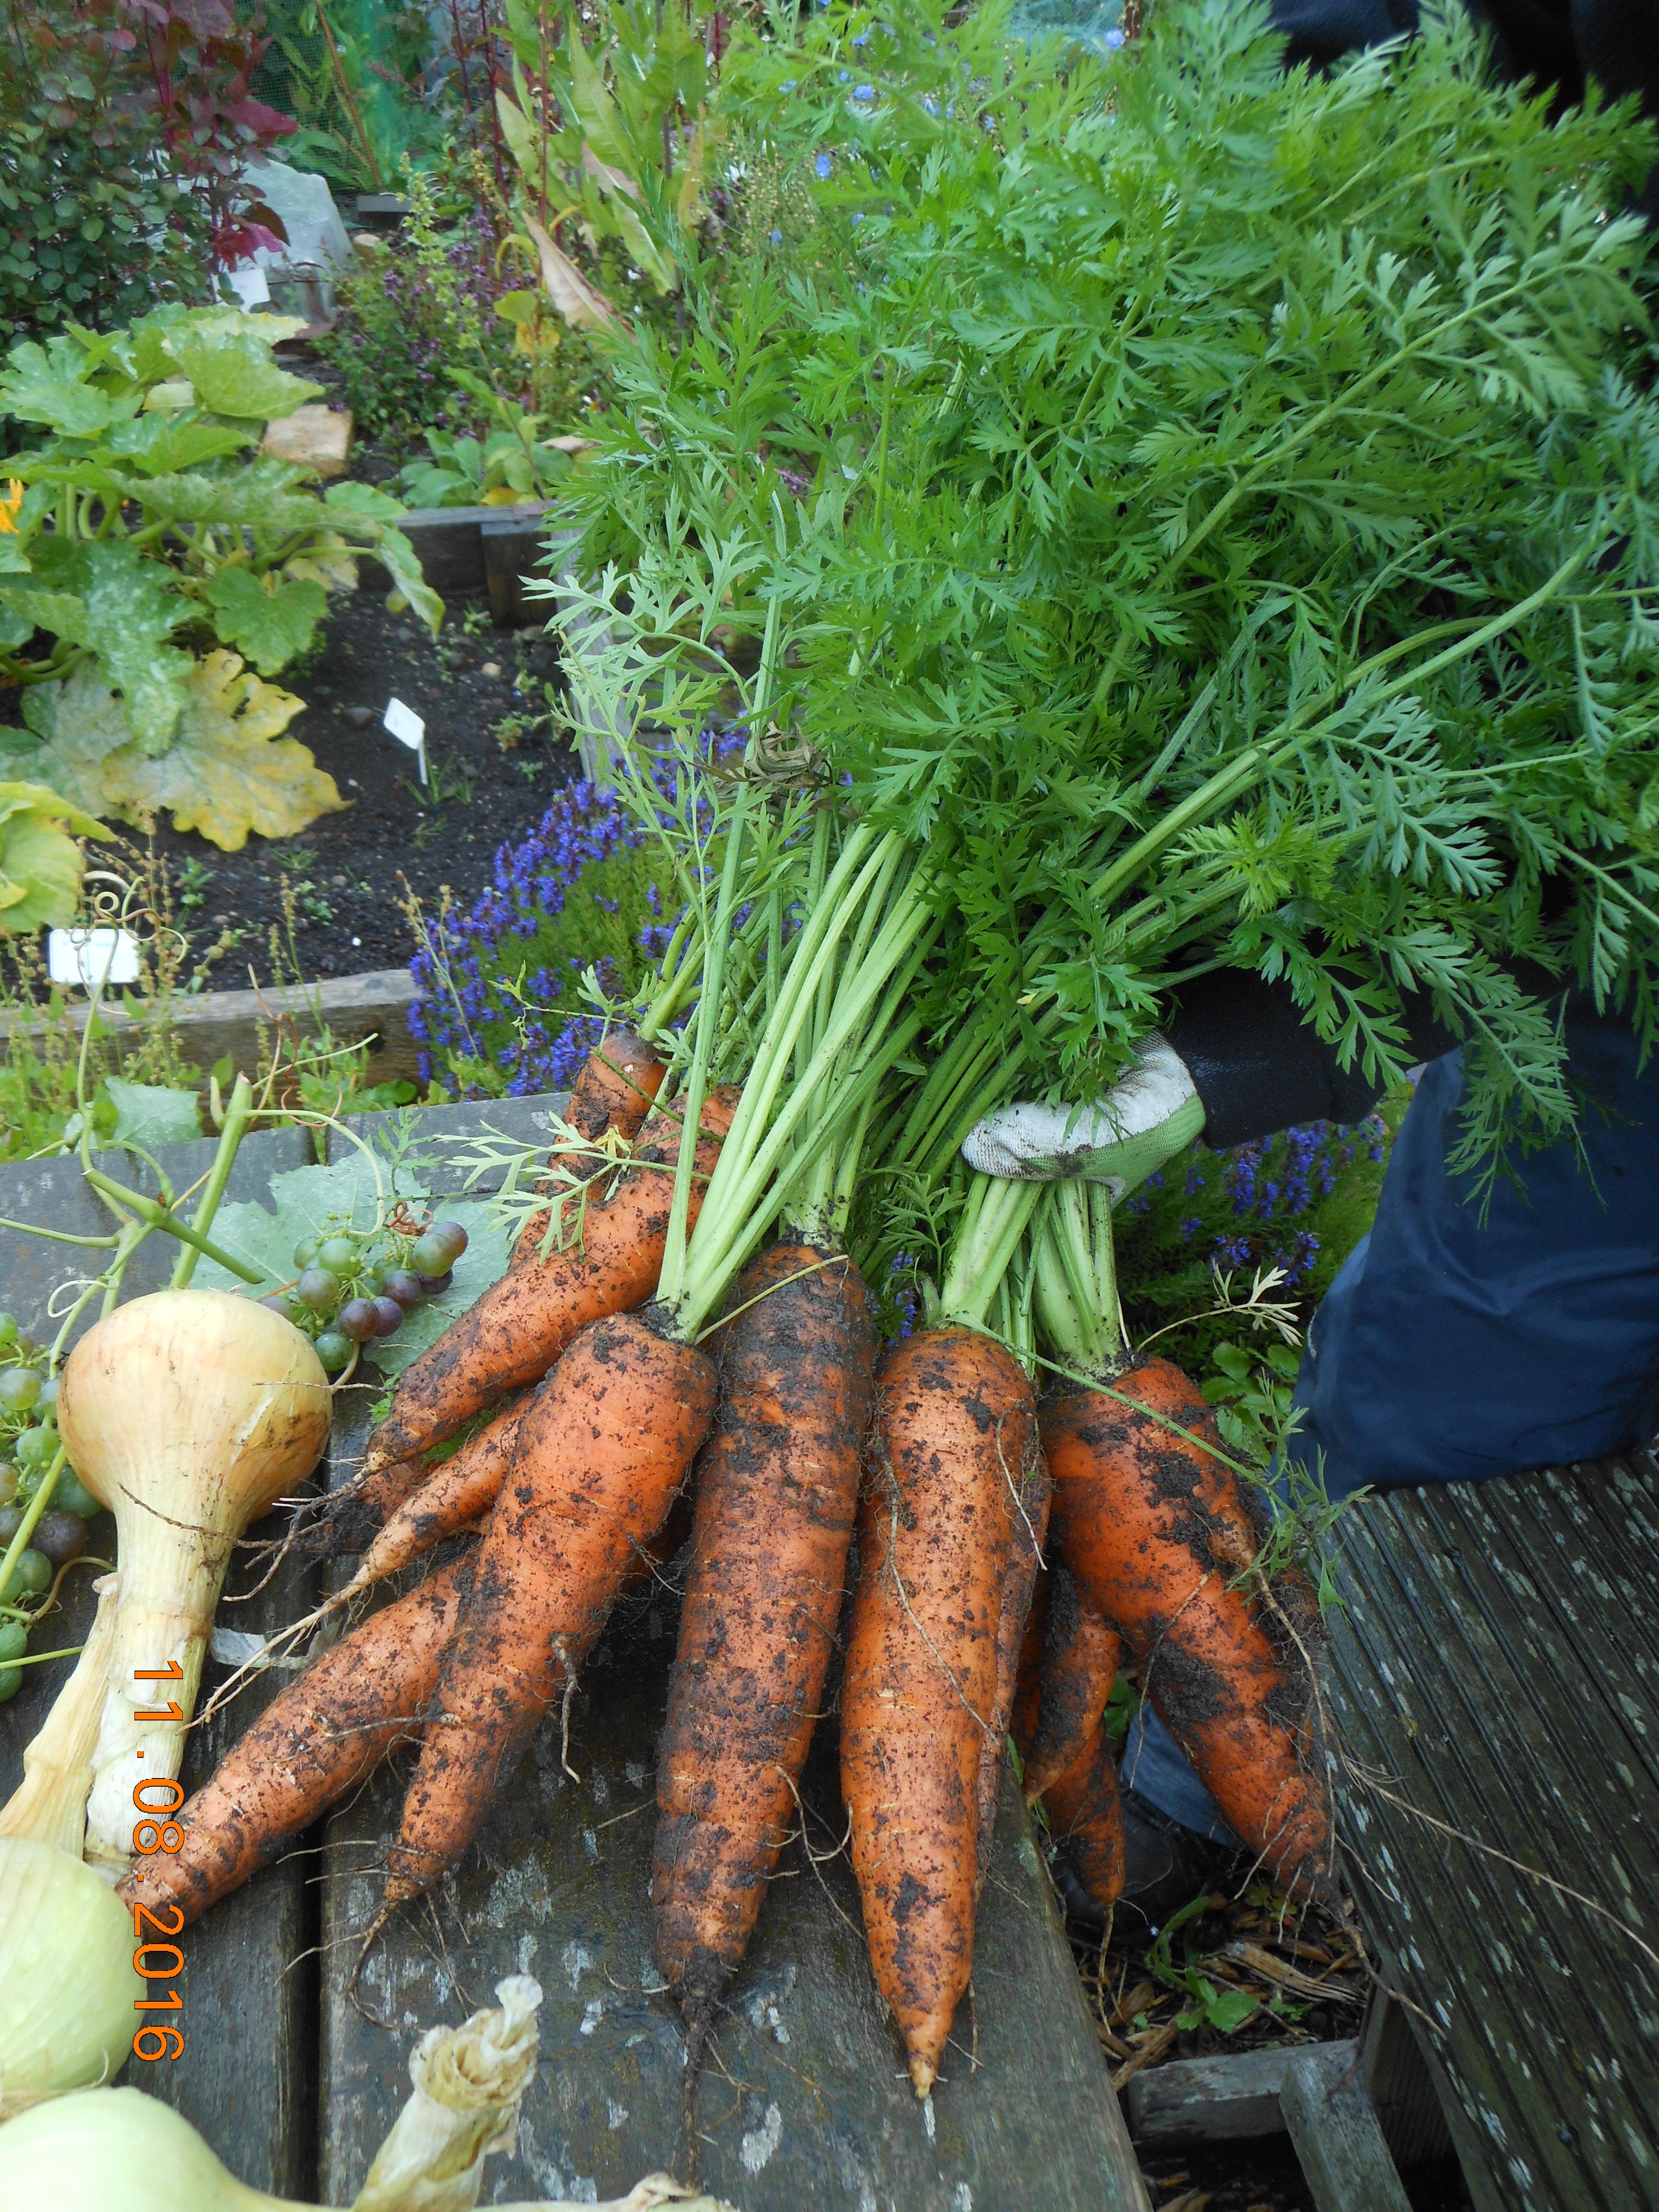 Carrots variety Nantes